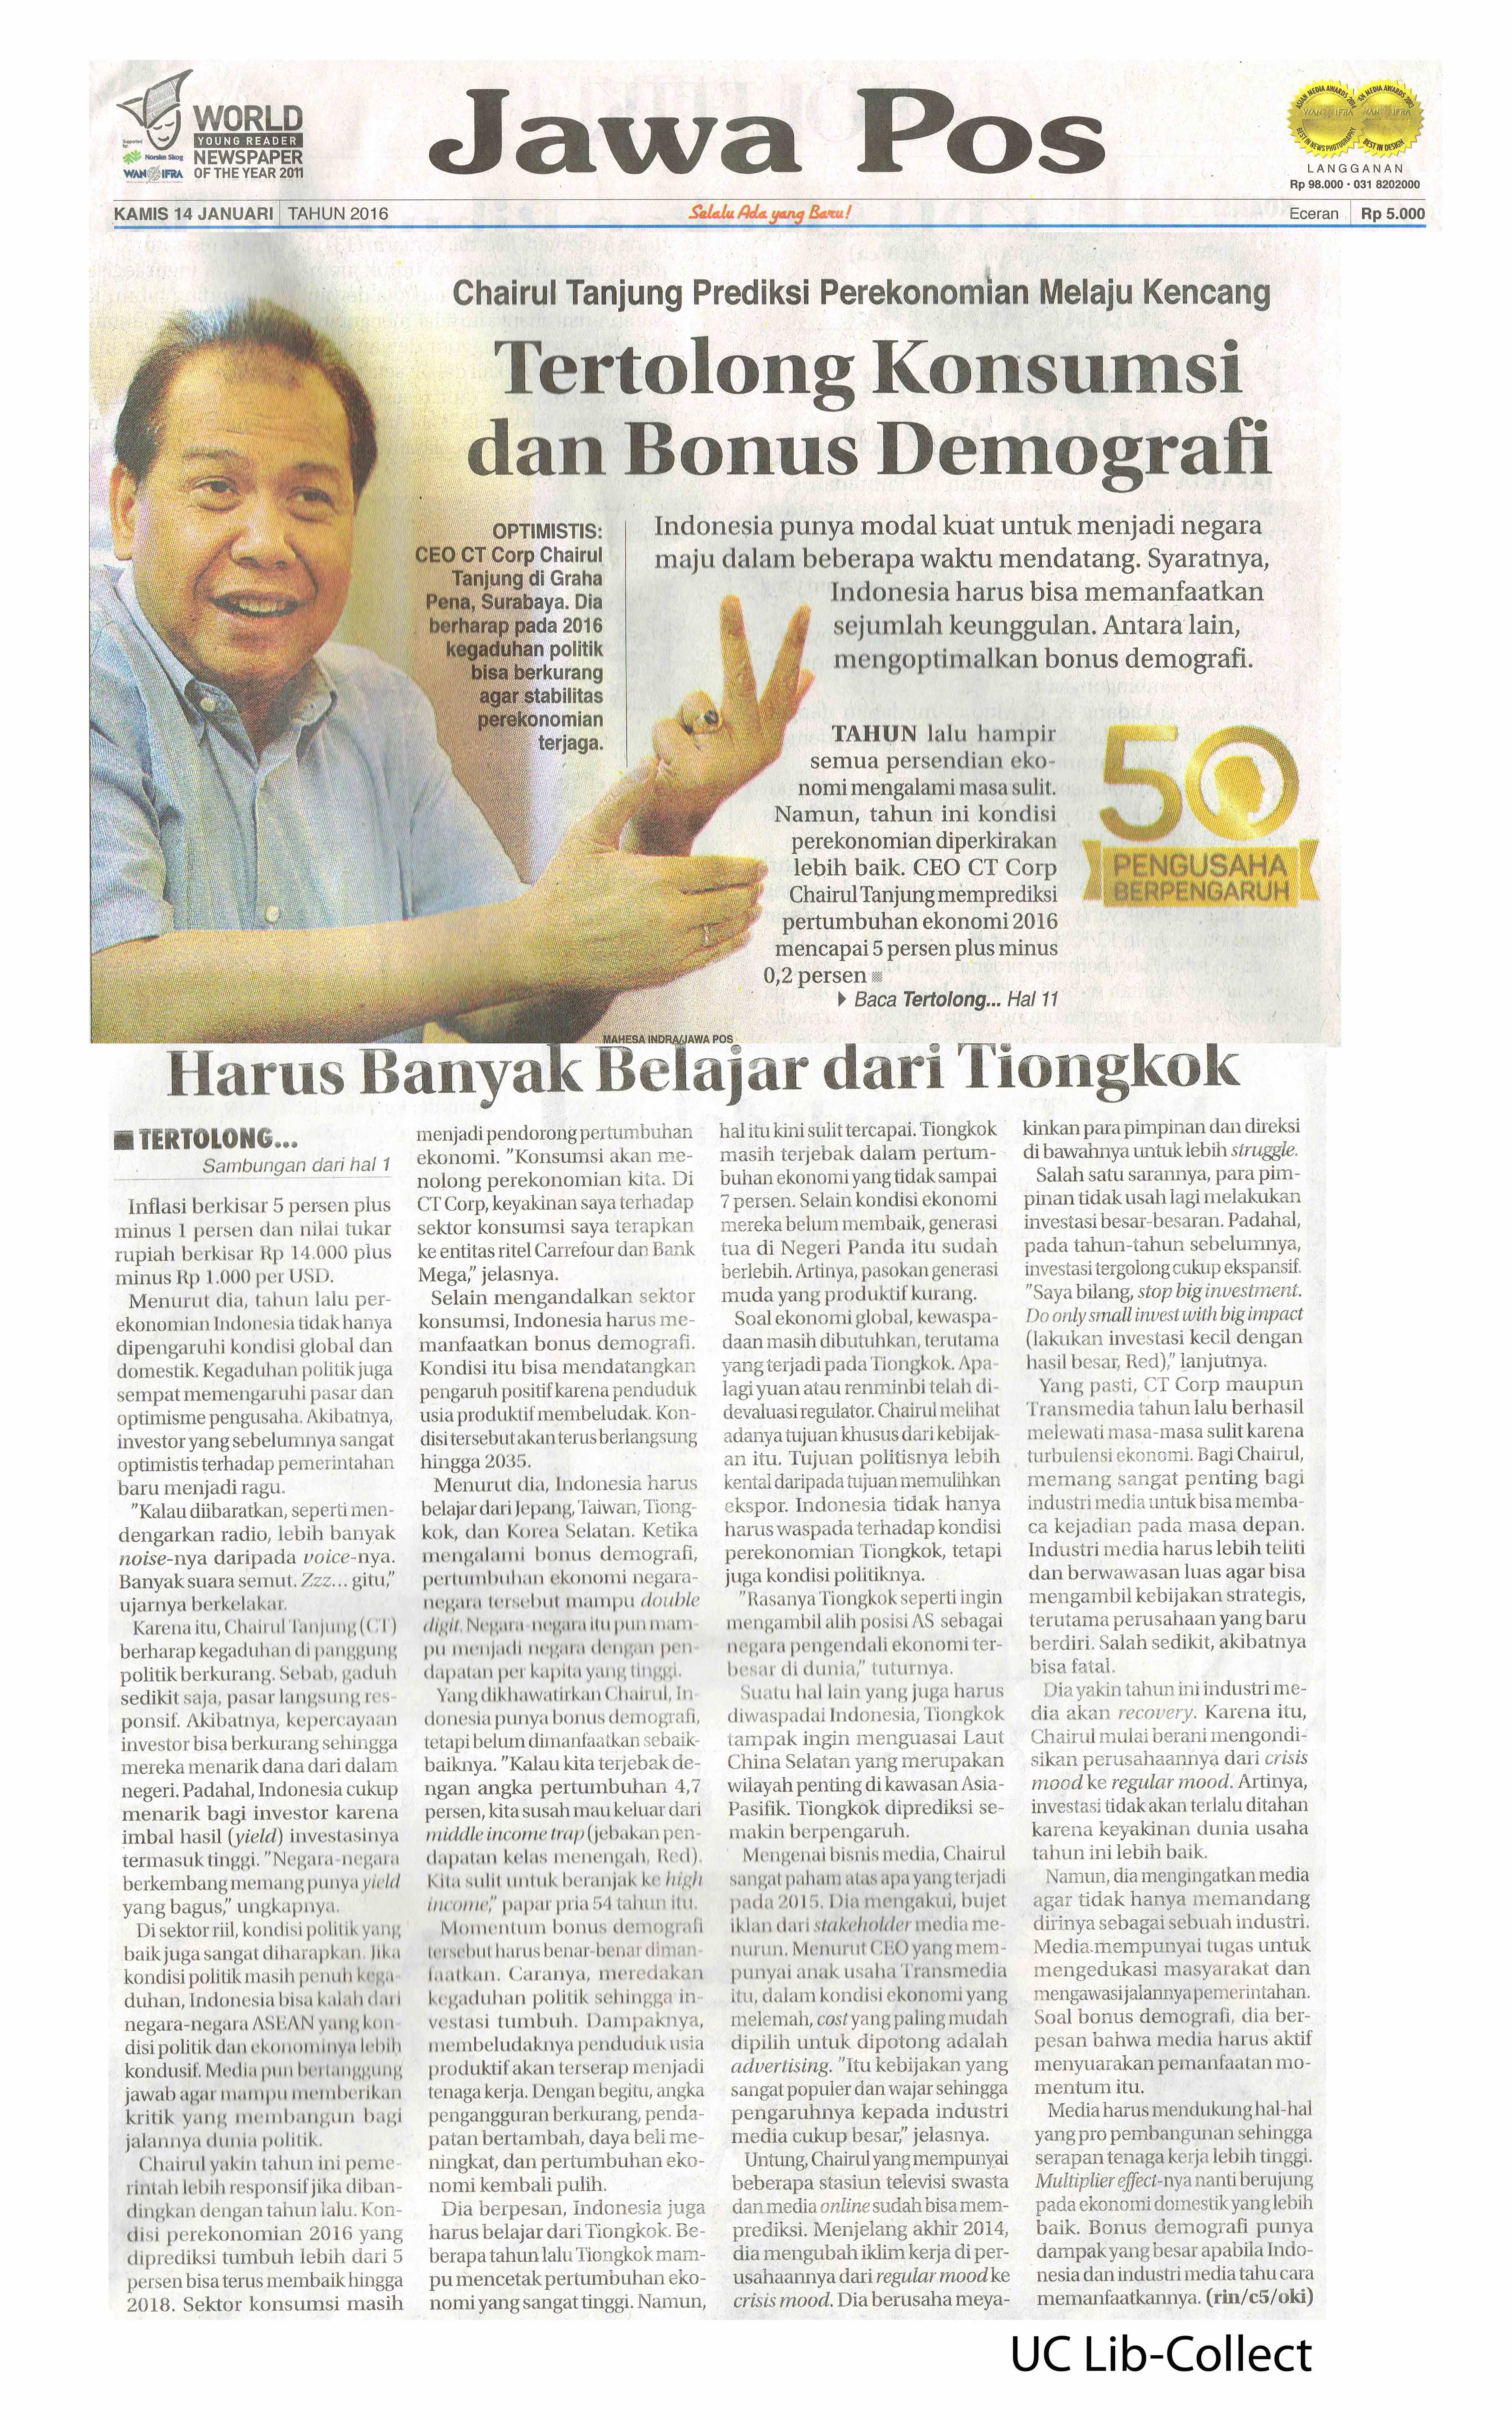 14 Januari 2016. Chairul Tanjung Prediksi Perekonomian Melaju Kencang_Tertolong Konsumsi dan Bonus Demografi. Jawa Pos. 14 Januari 2016.Hal.1,11